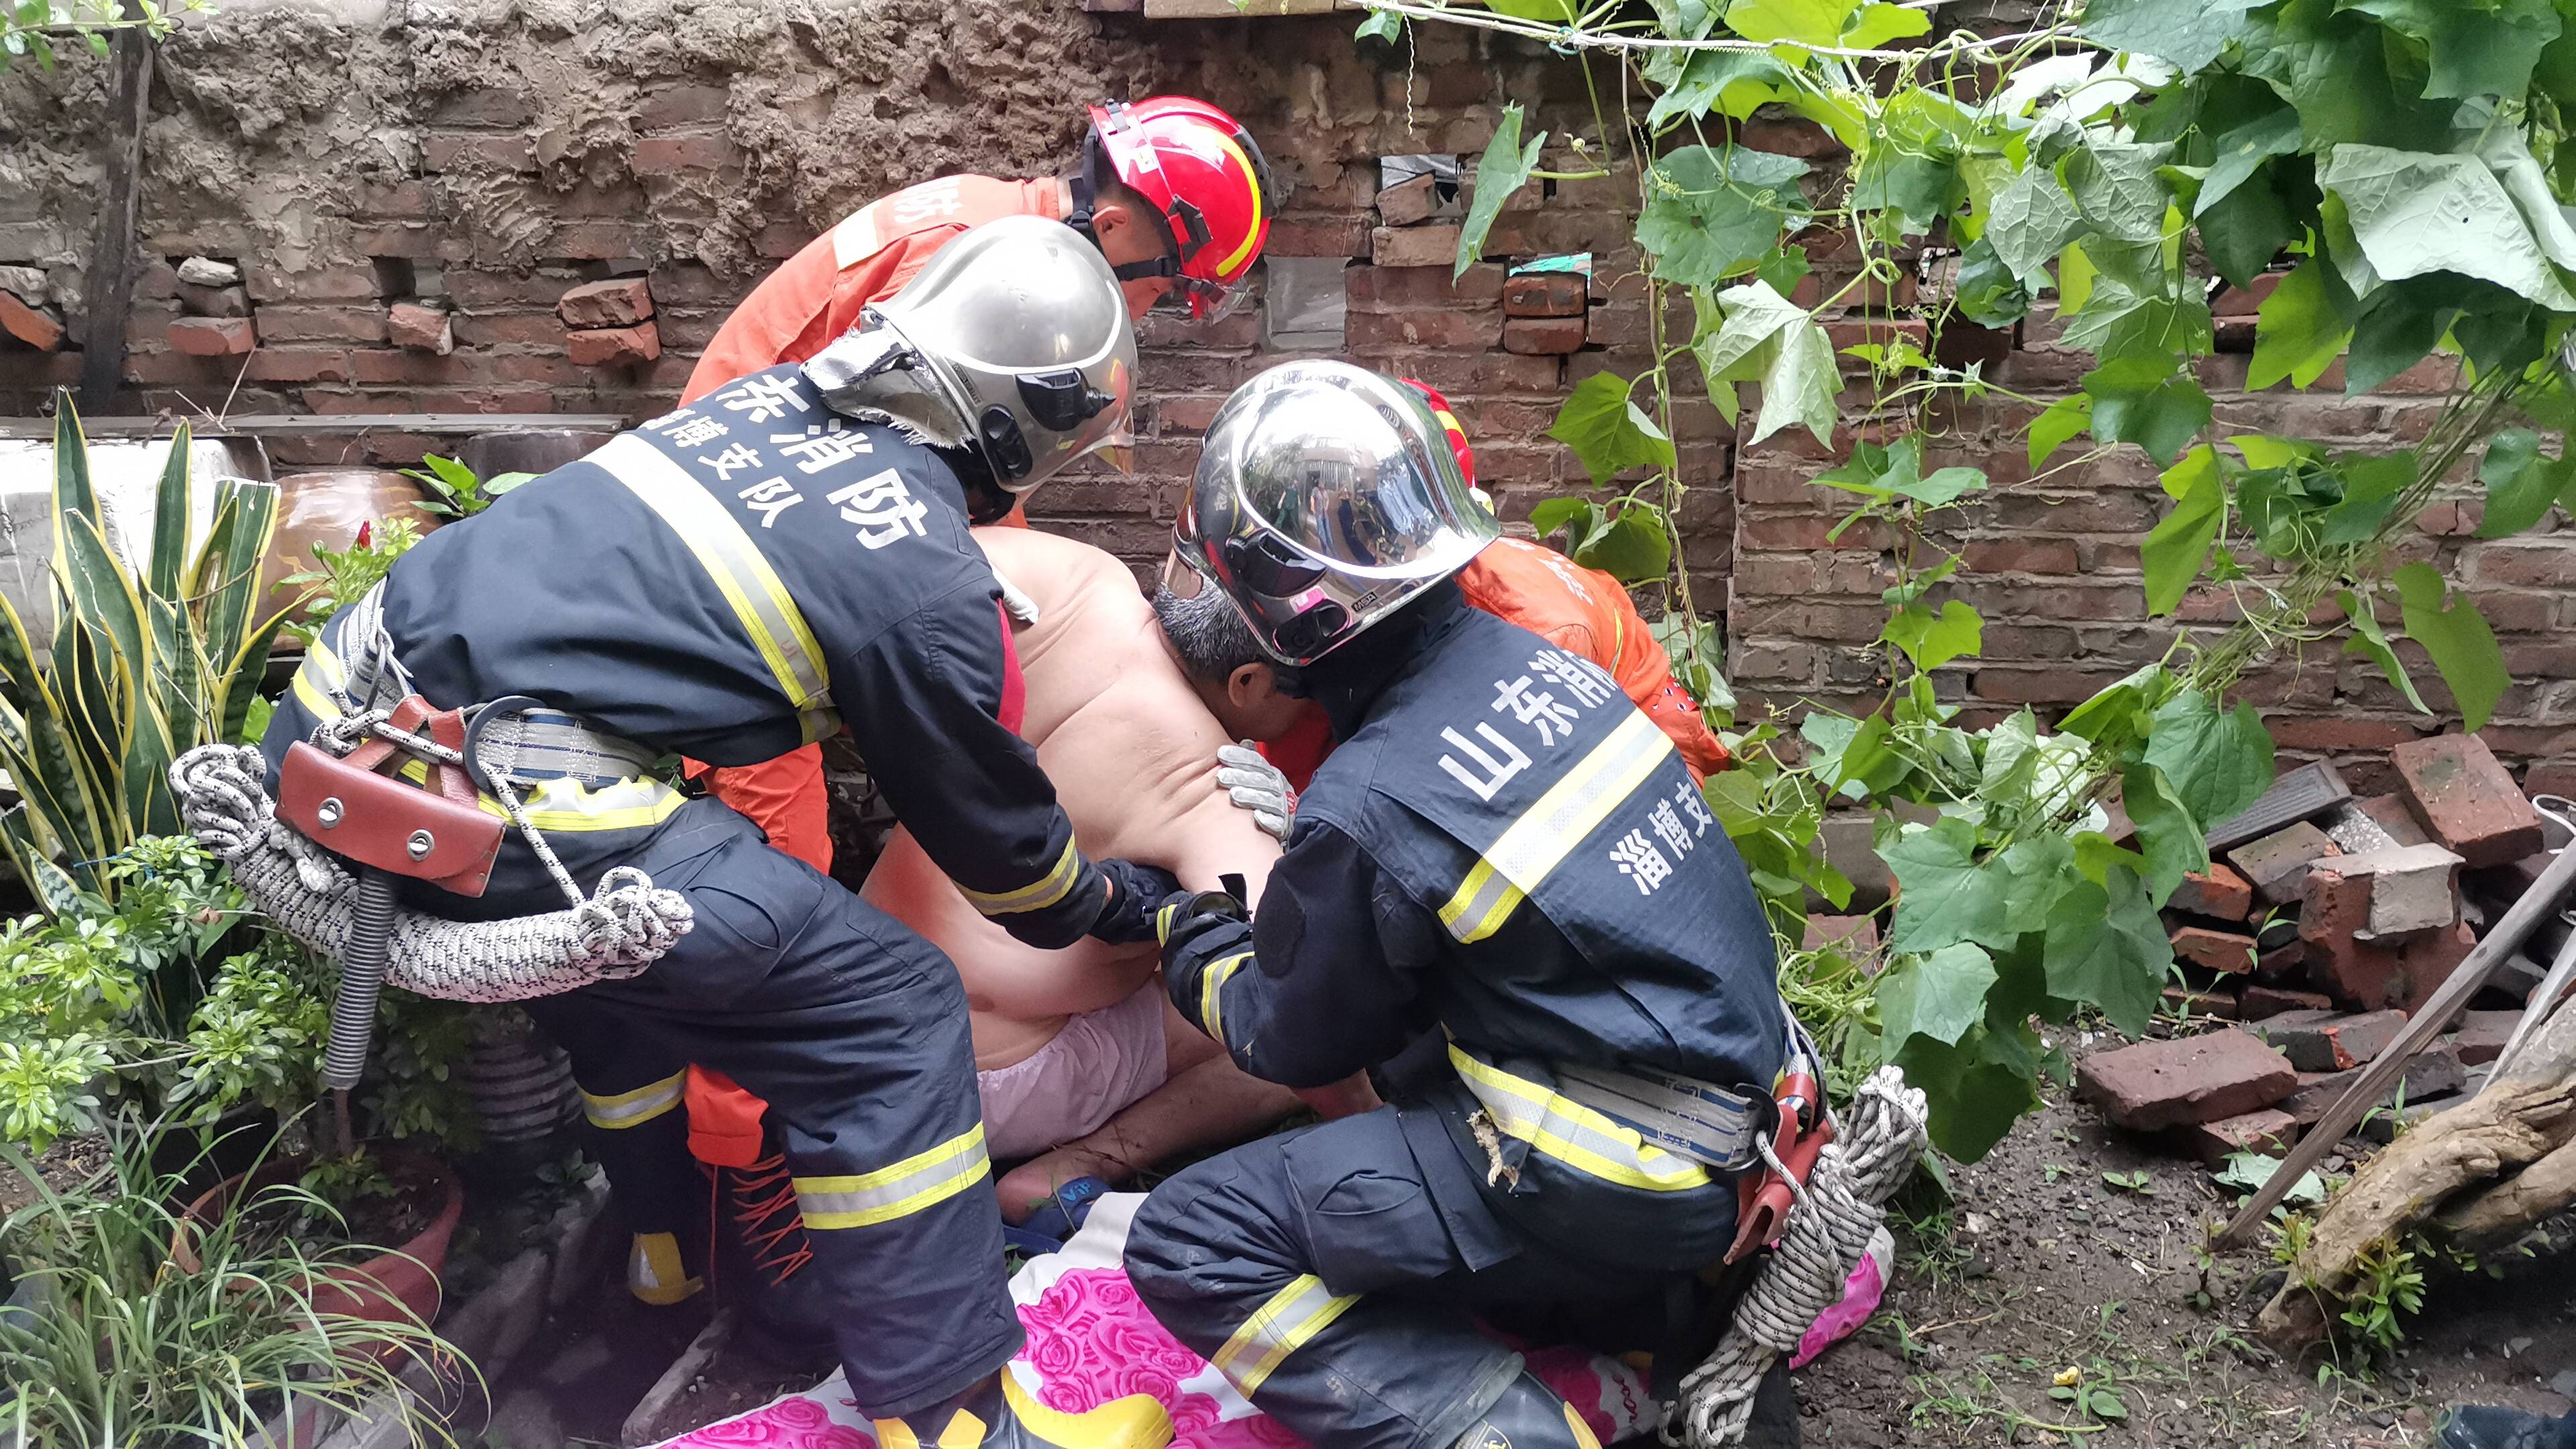 淄博:独居老人家中摔倒被困三小时 邻居报警消防救援